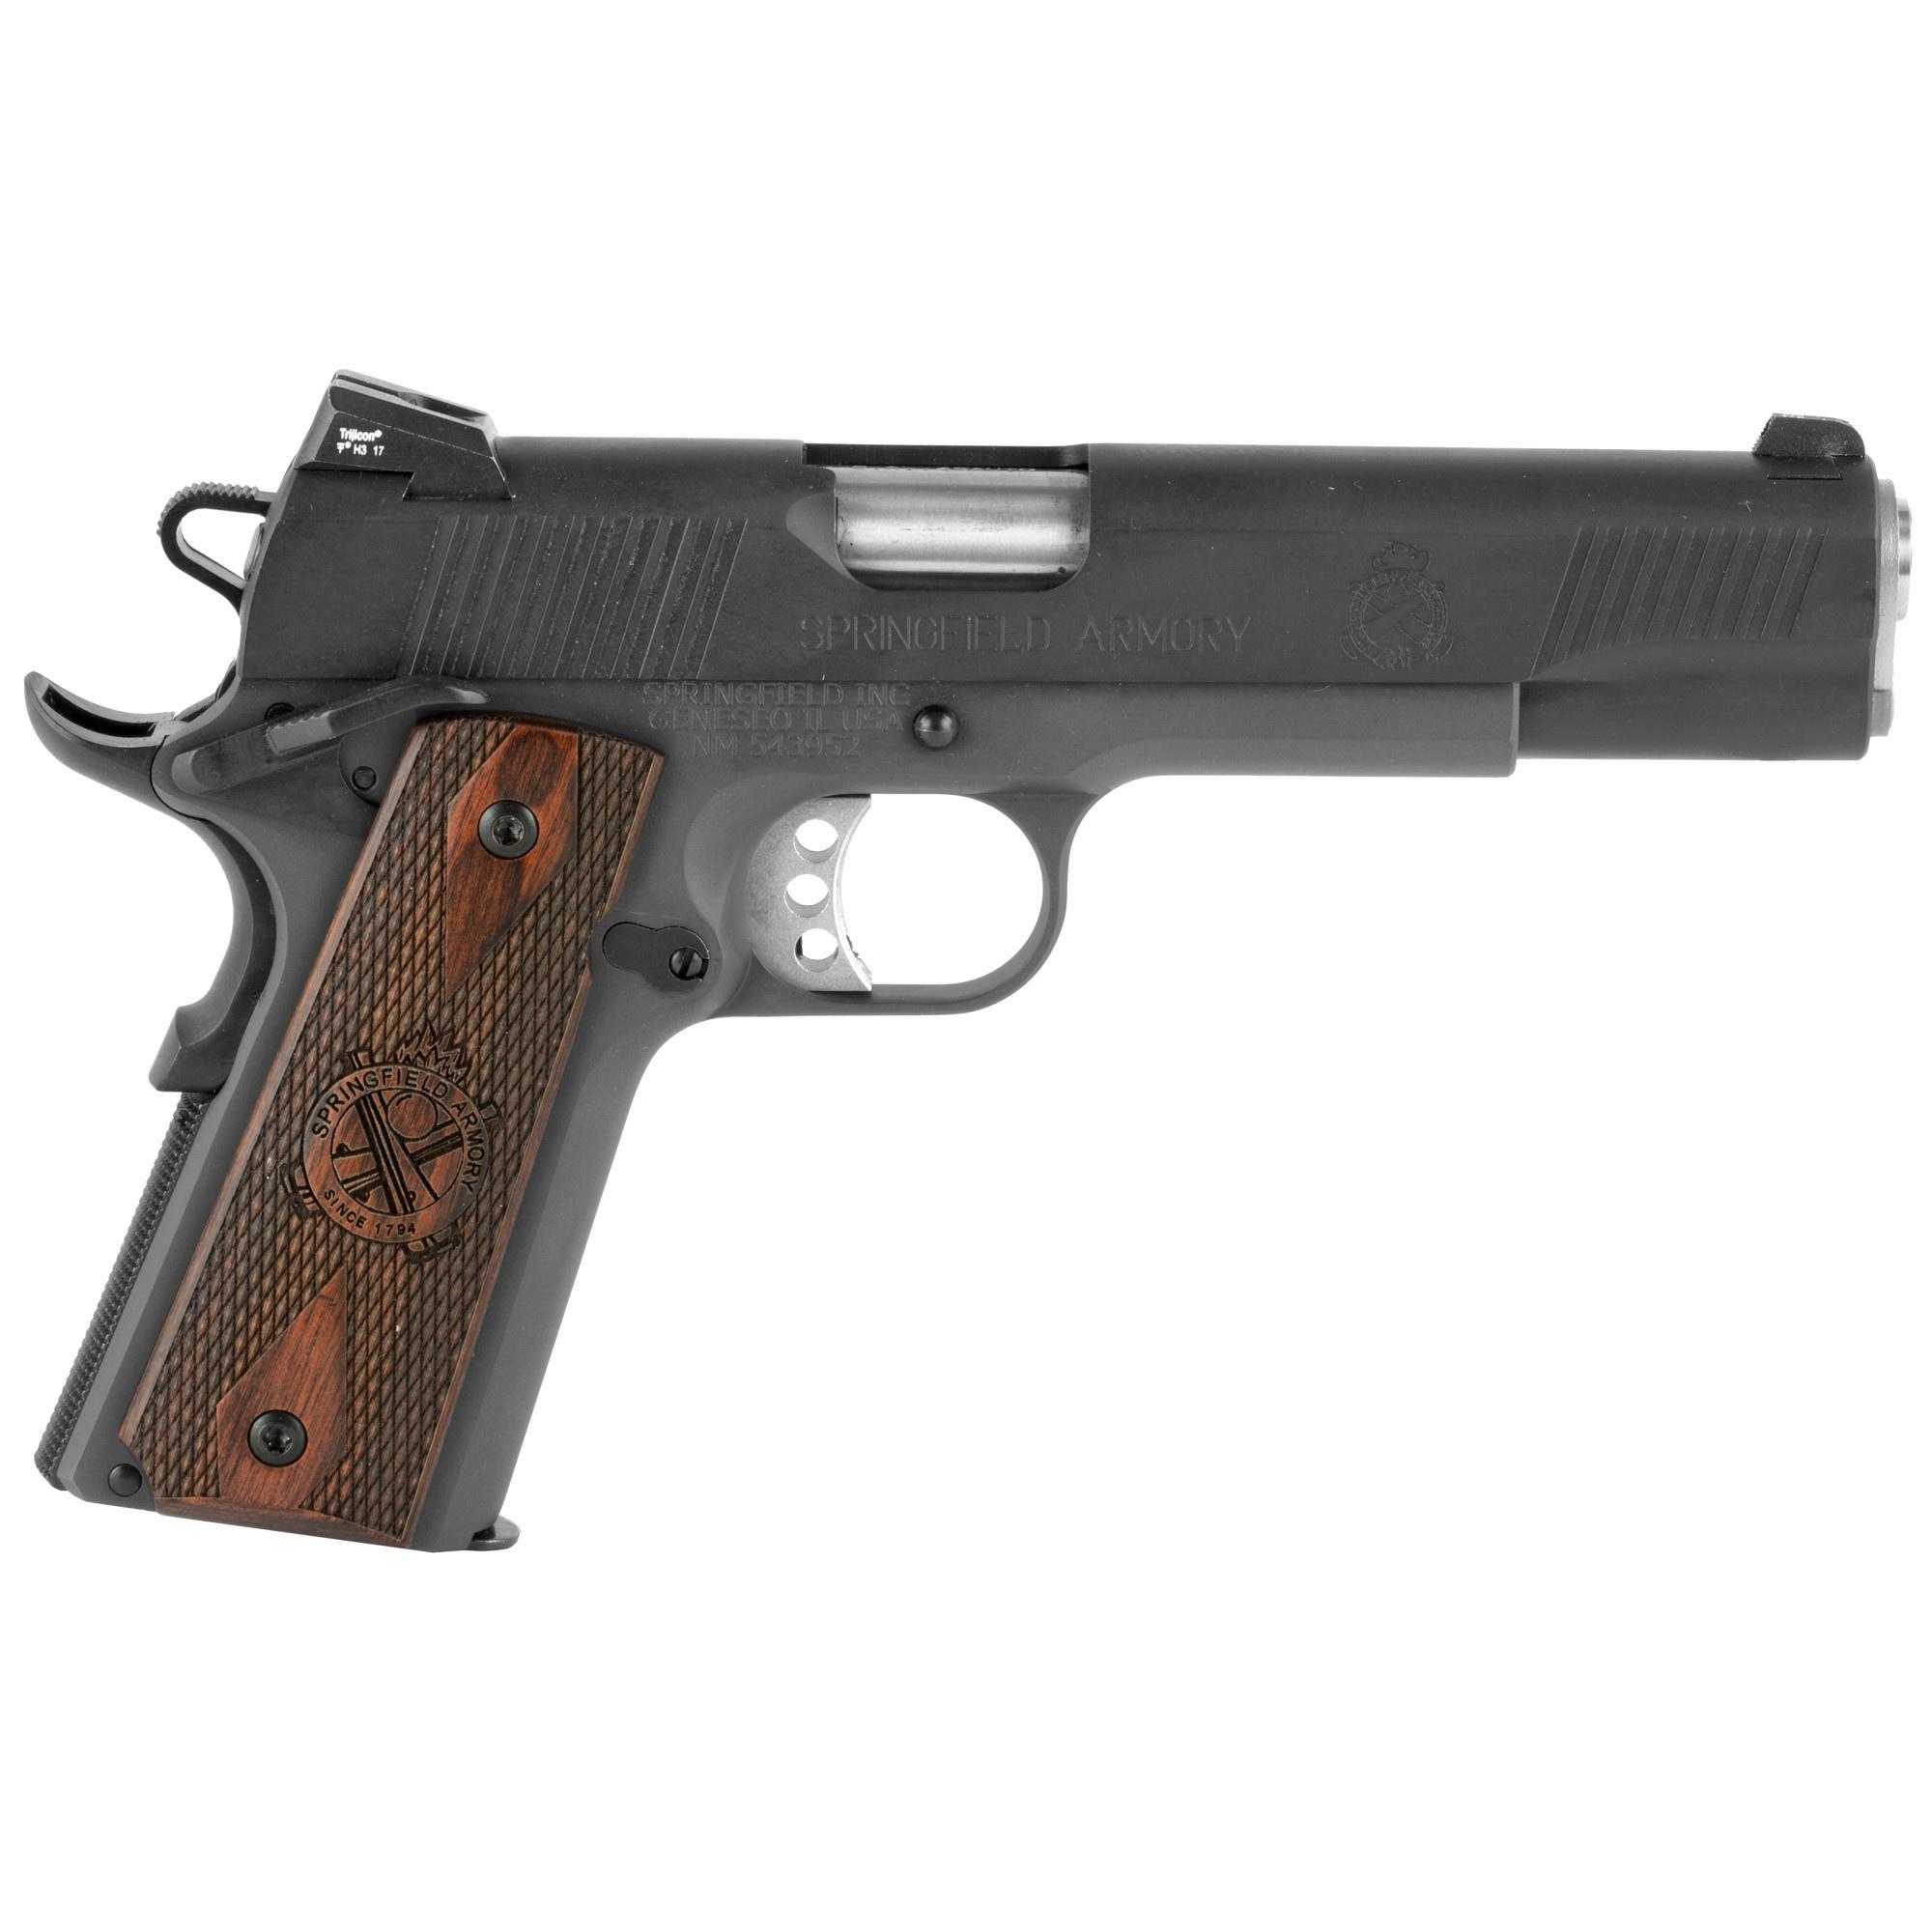 Springfield Armory 1911 Loaded Pistol 45ACP